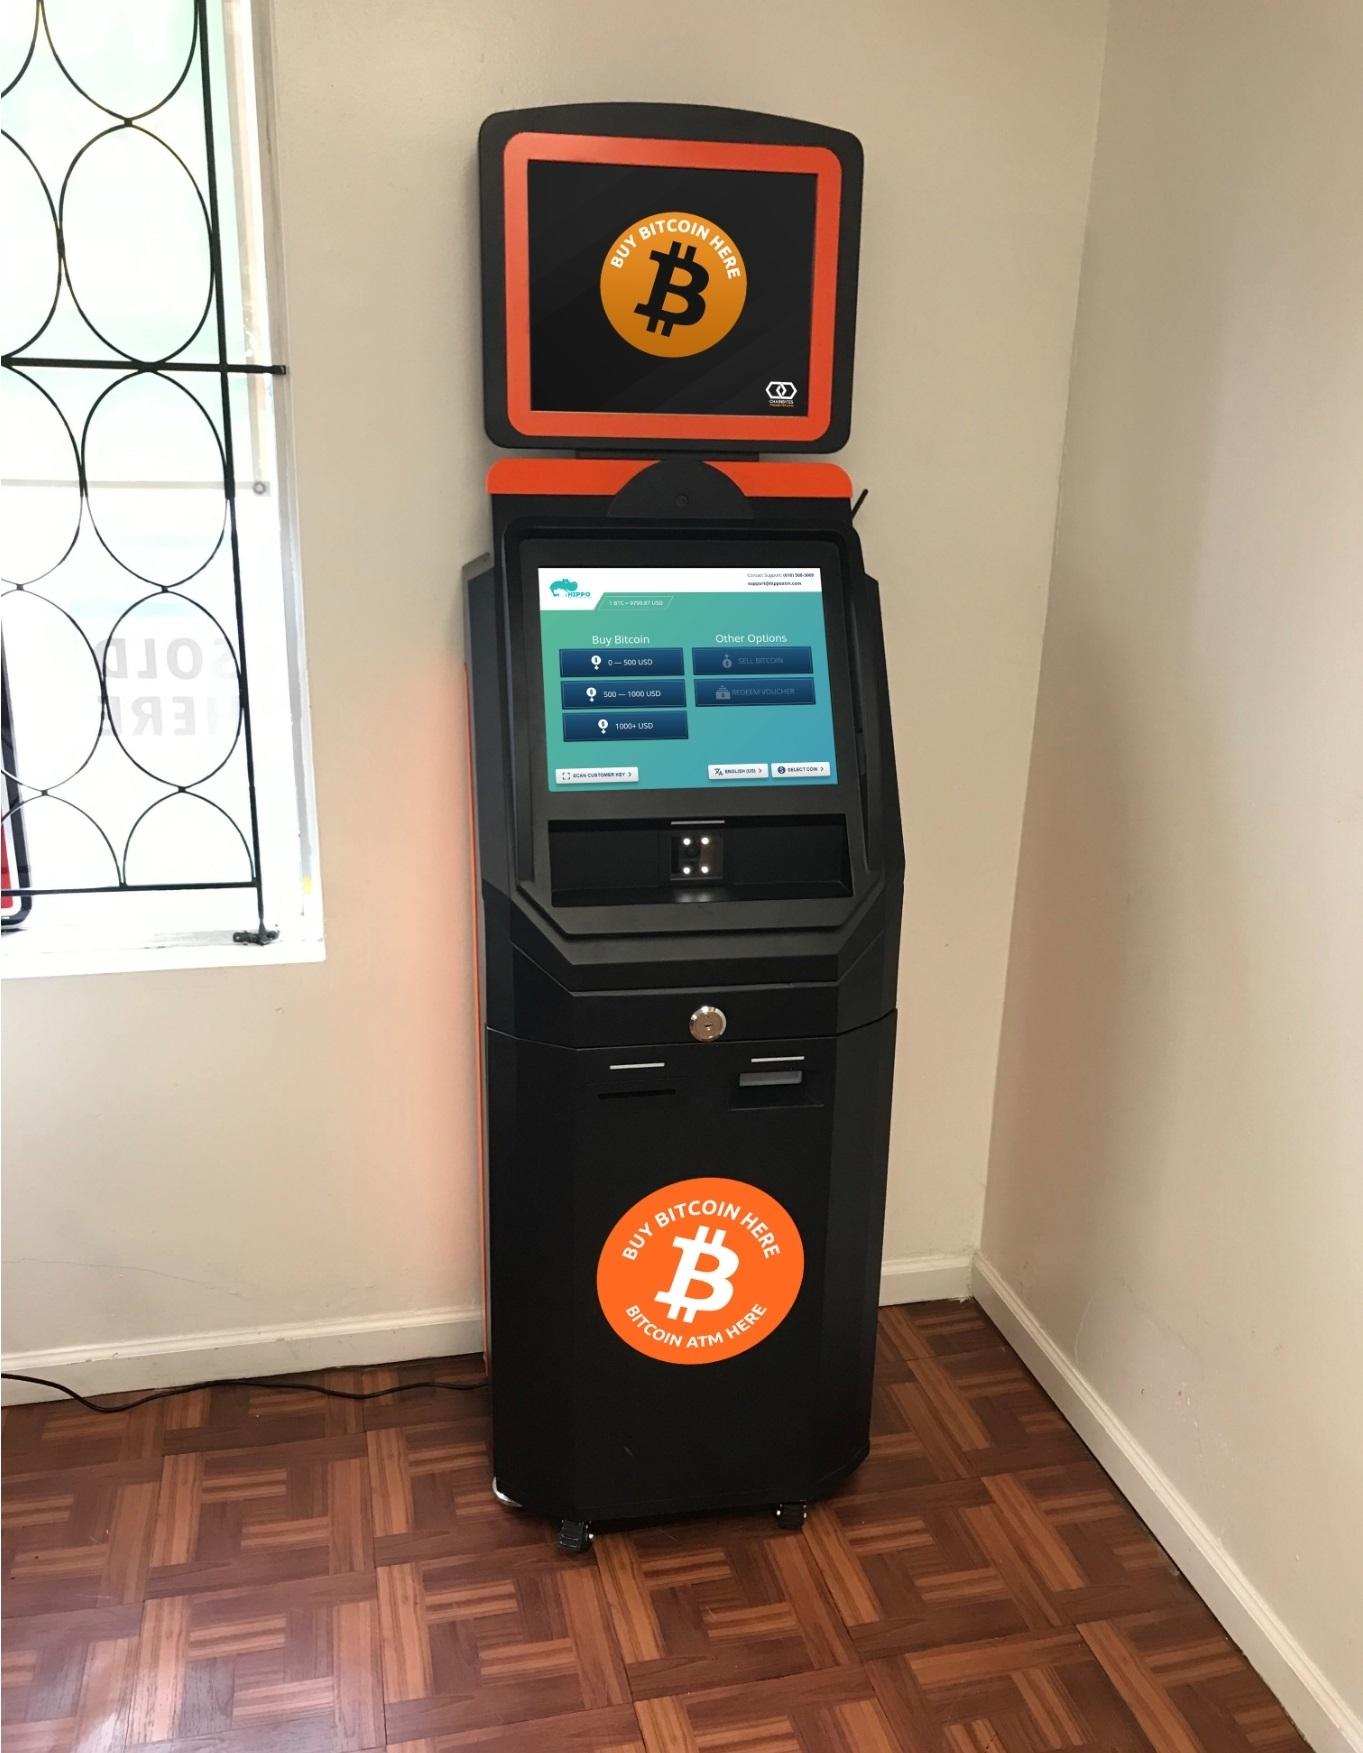 Bitcoin ATM J&O Allentown Buy bitcoin near me